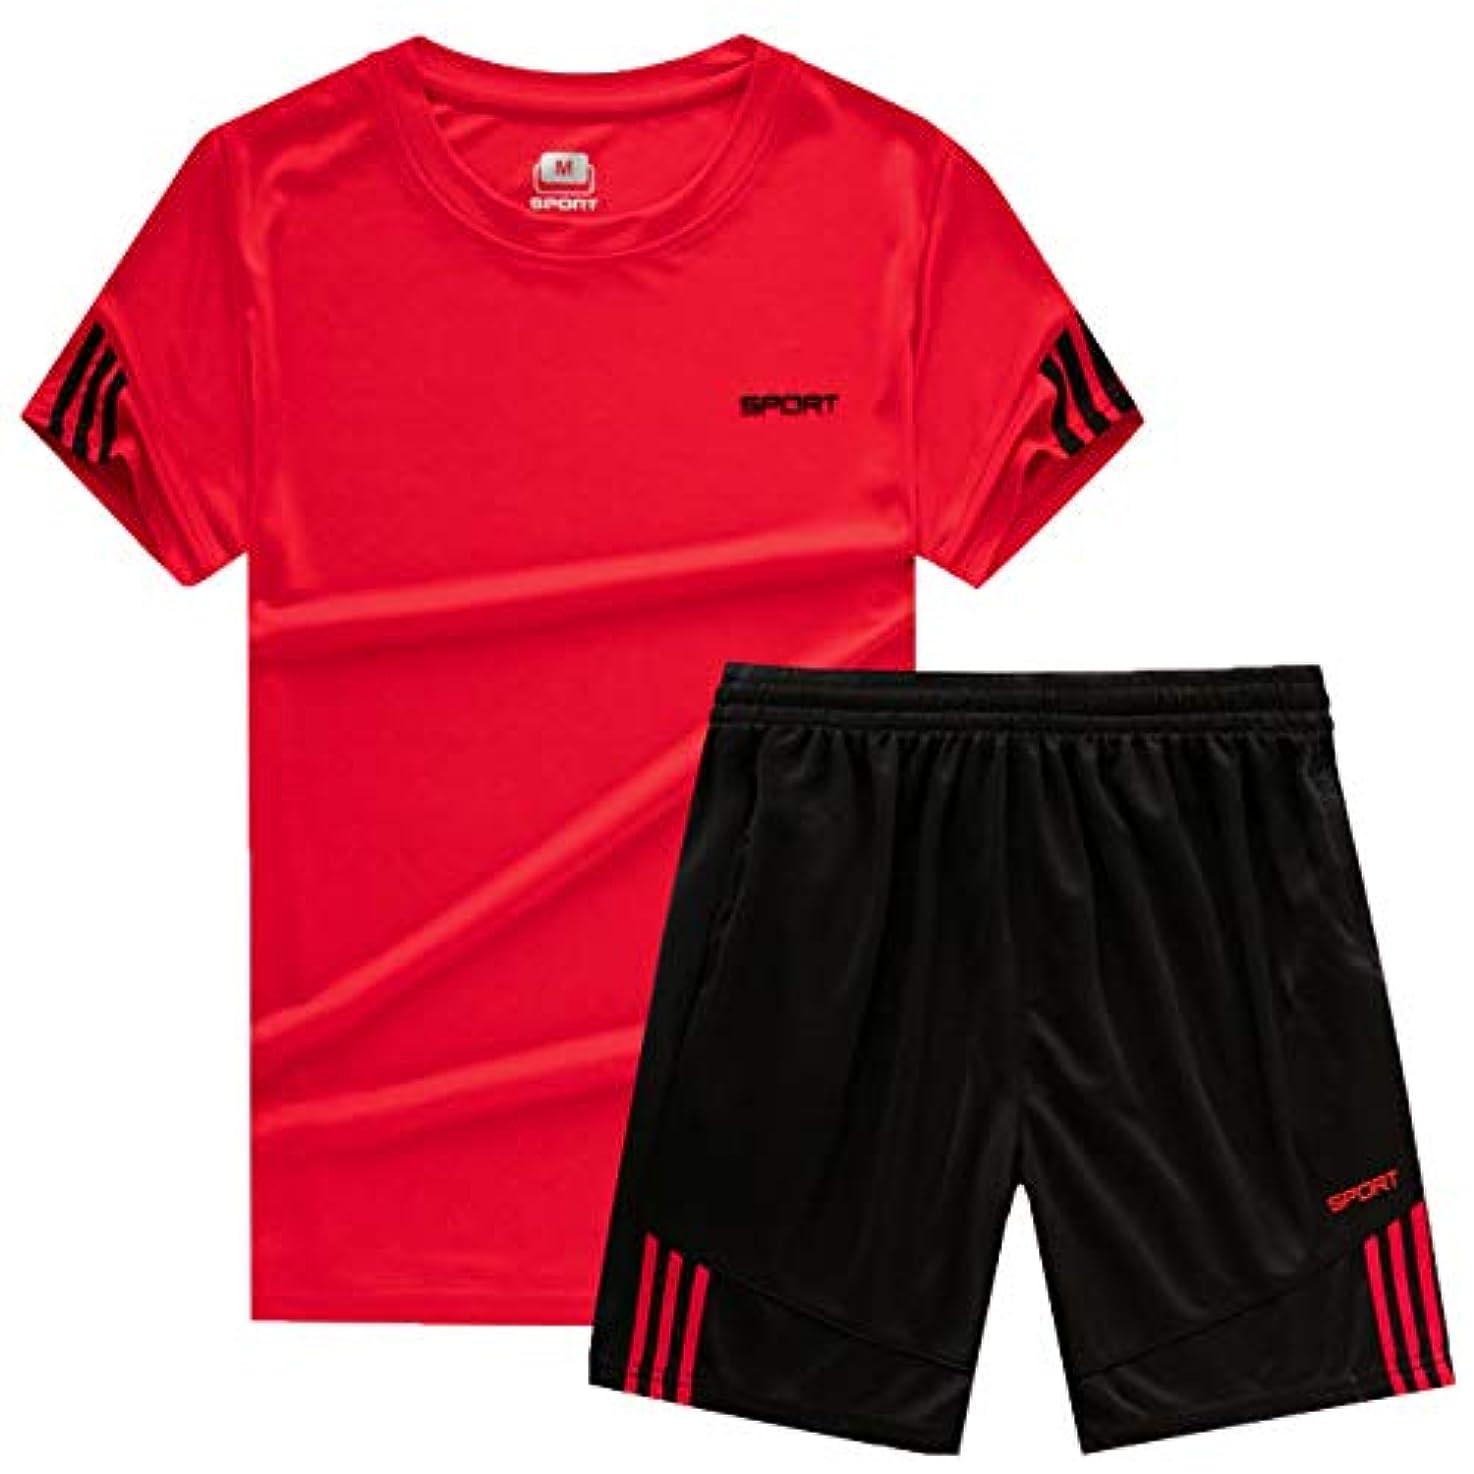 電気の船形倉庫[ココチエ] スポーツウェア メンズ 半袖 短パン 上下 tシャツ 大きめ セットアップ 部屋着 夏